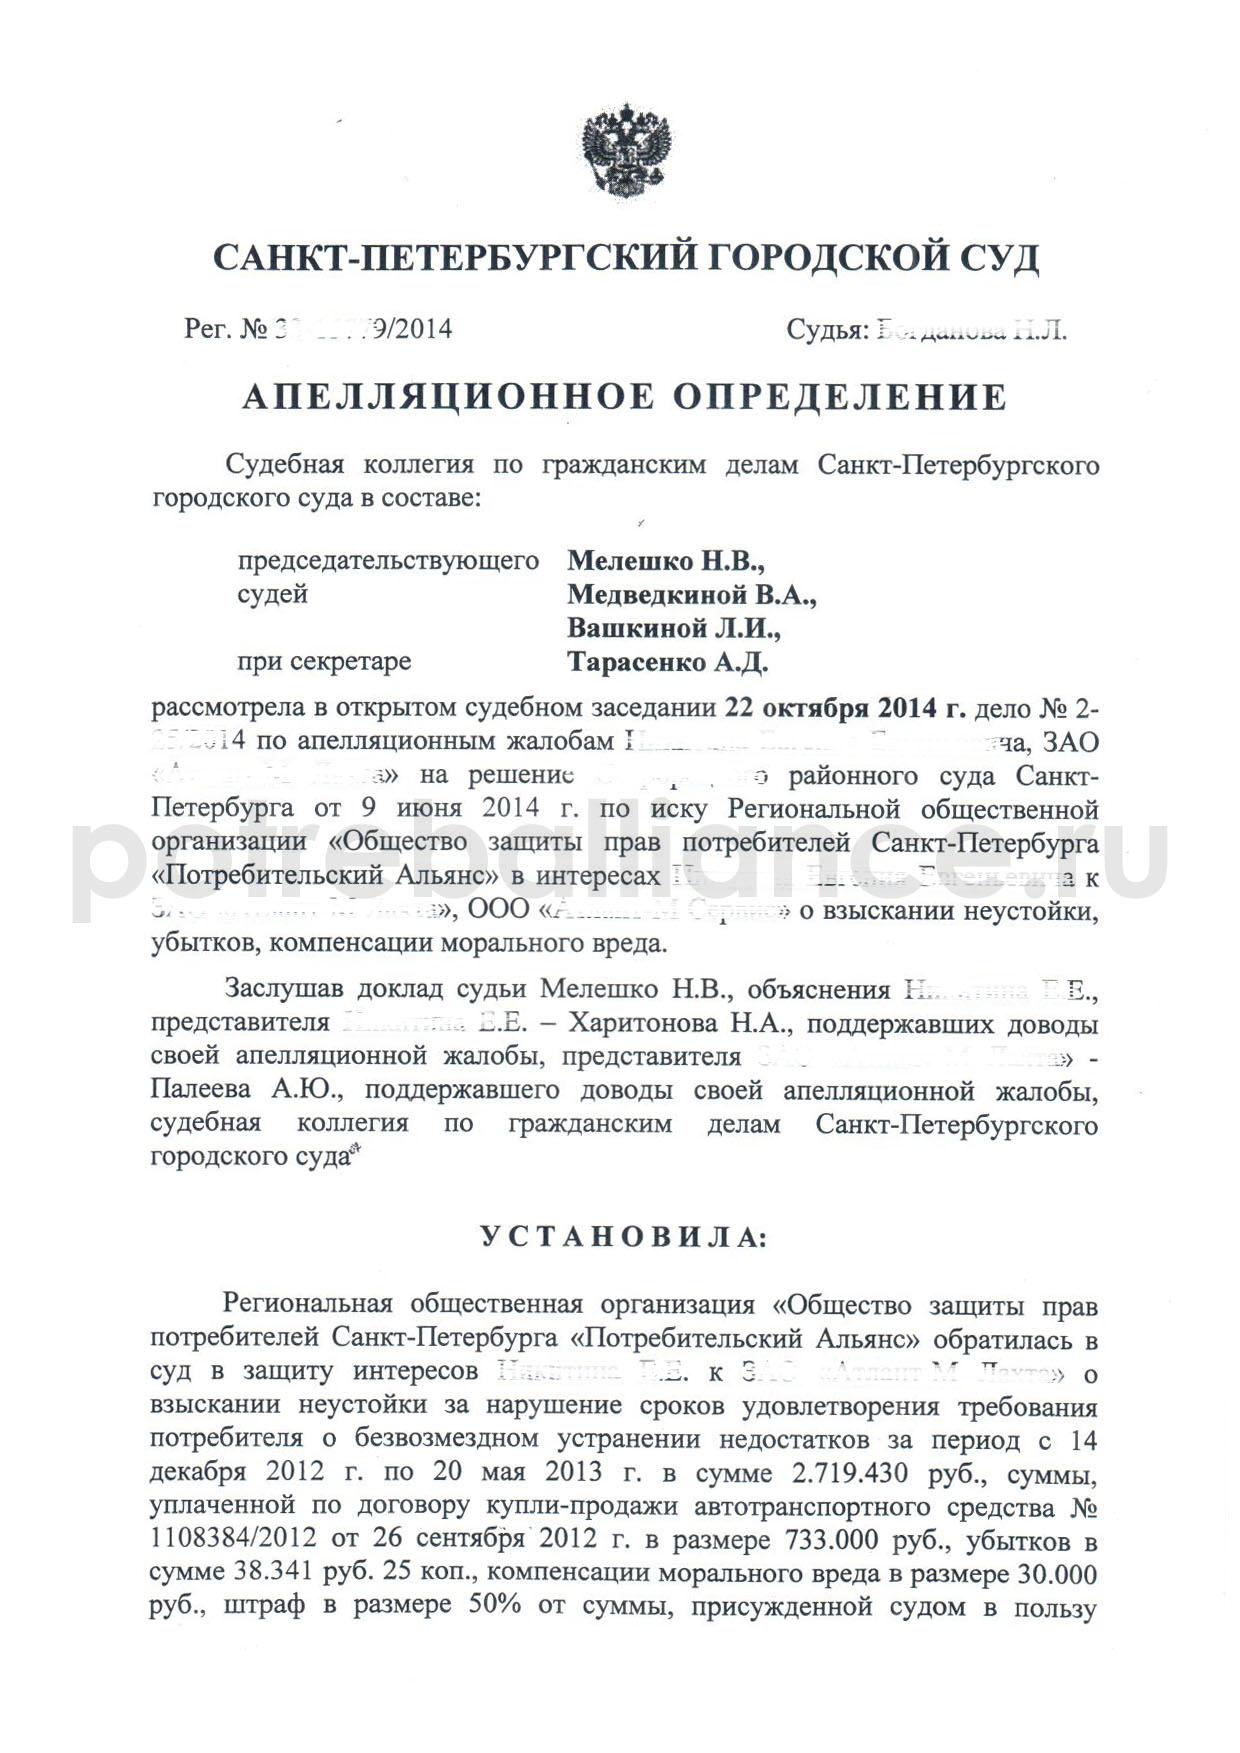 Отказ в гарантийном ремонте автомобиля, Коллегия адвокатов ы МОСКВА-АДВОКАТ